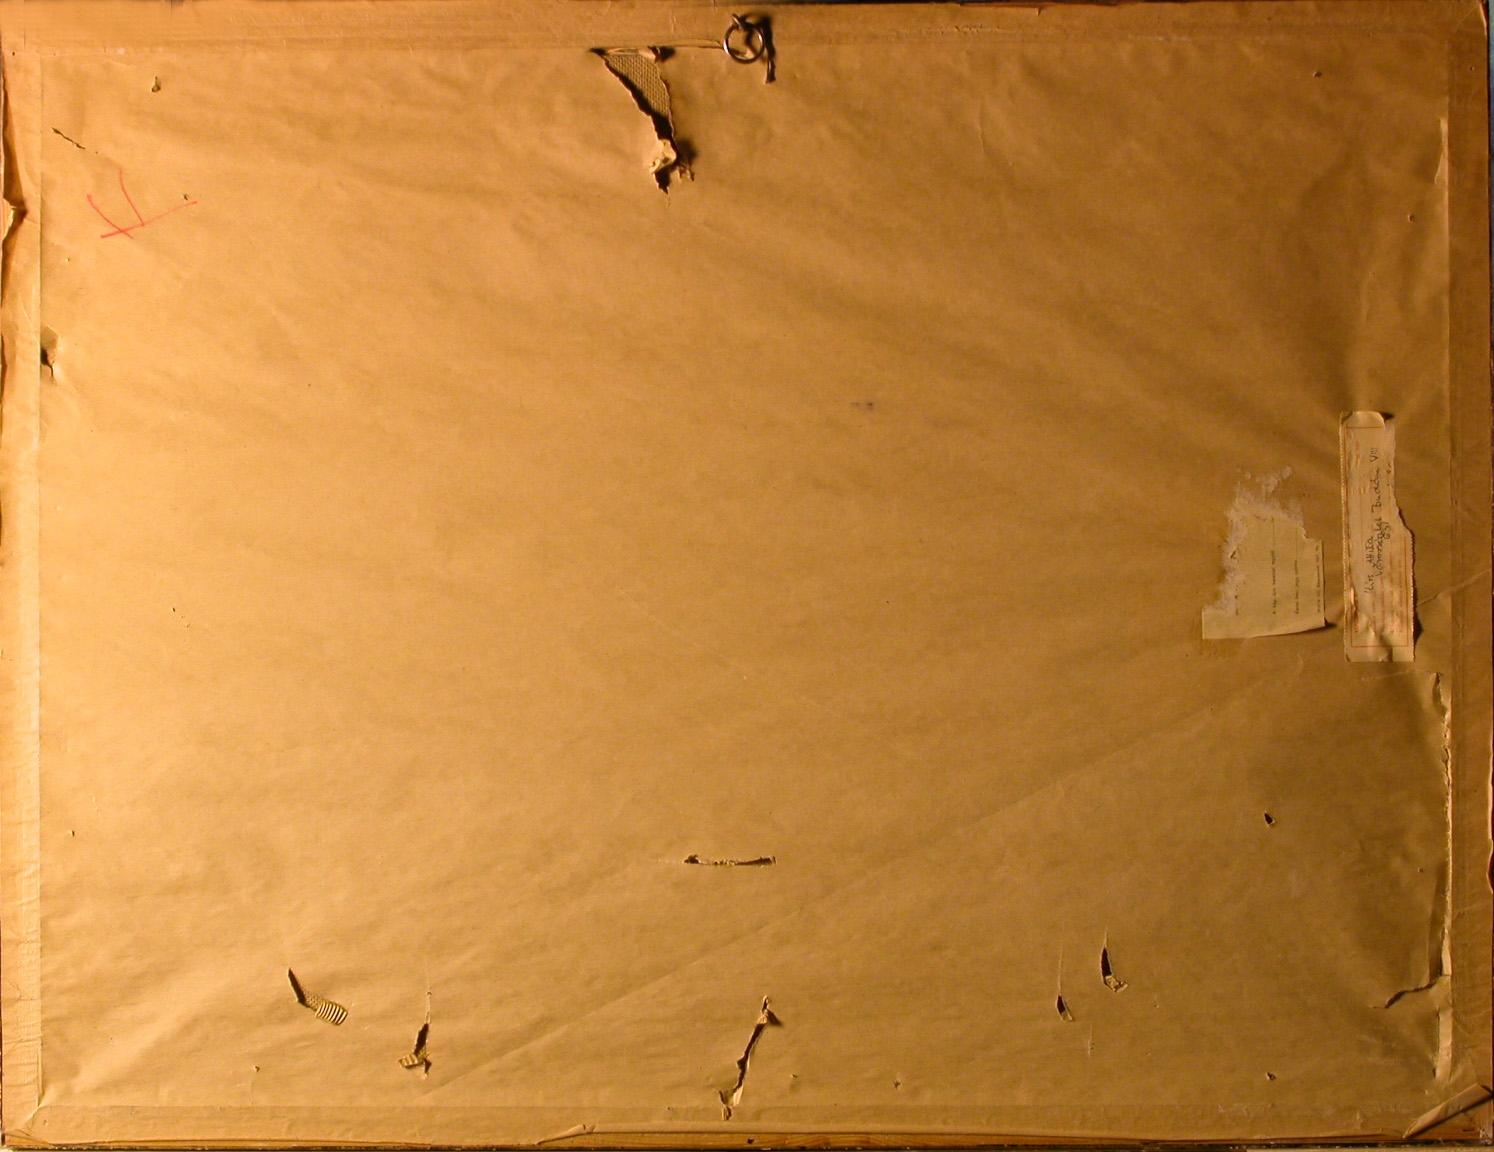 DSCN0187.JPG (1494×1152)